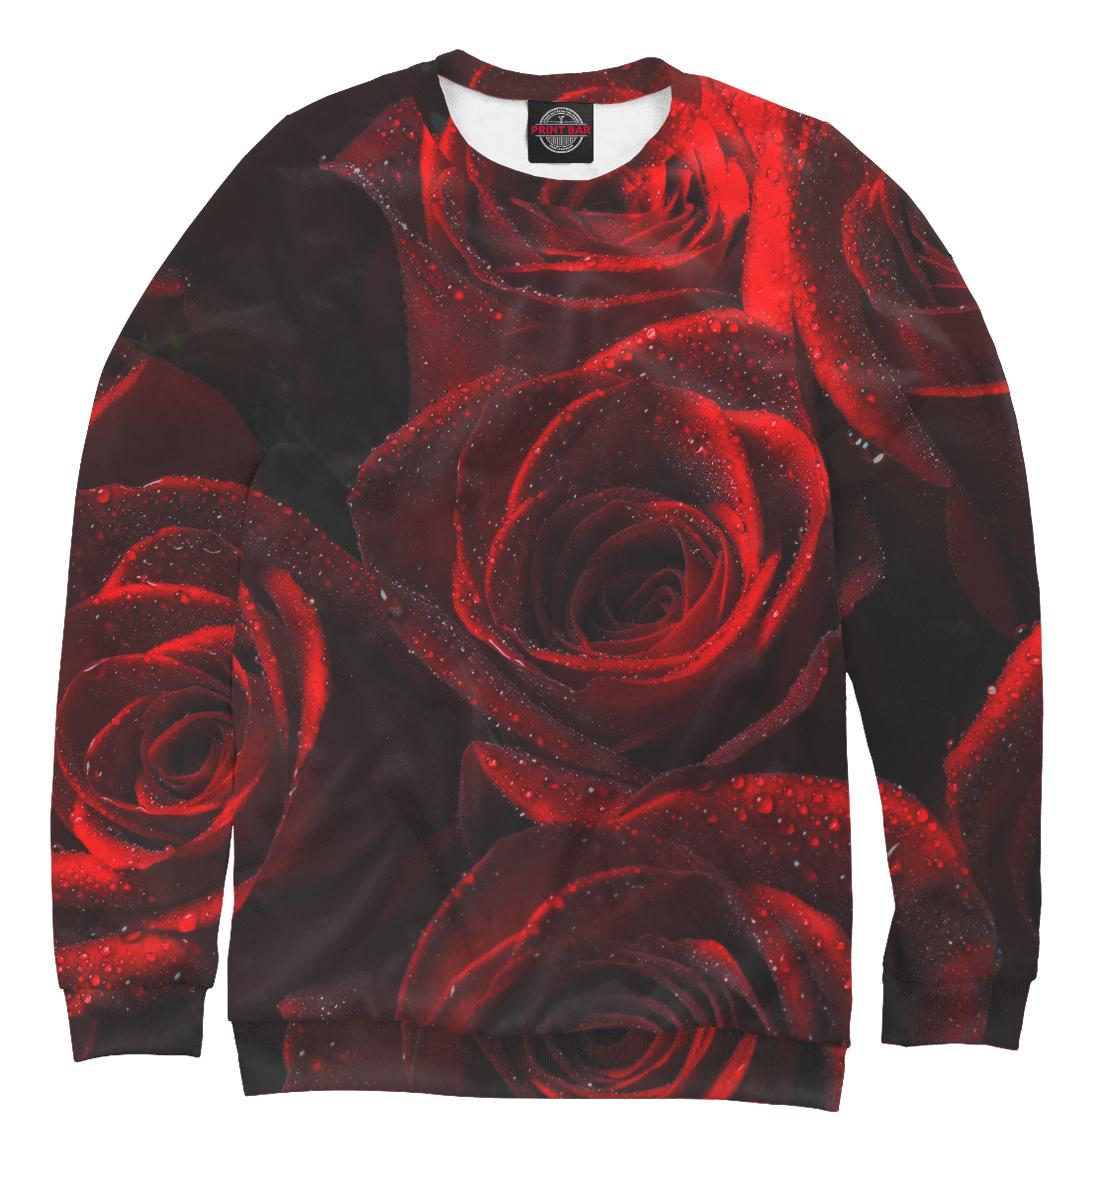 Купить Красные розы, Printbar, Свитшоты, CVE-448630-swi-1